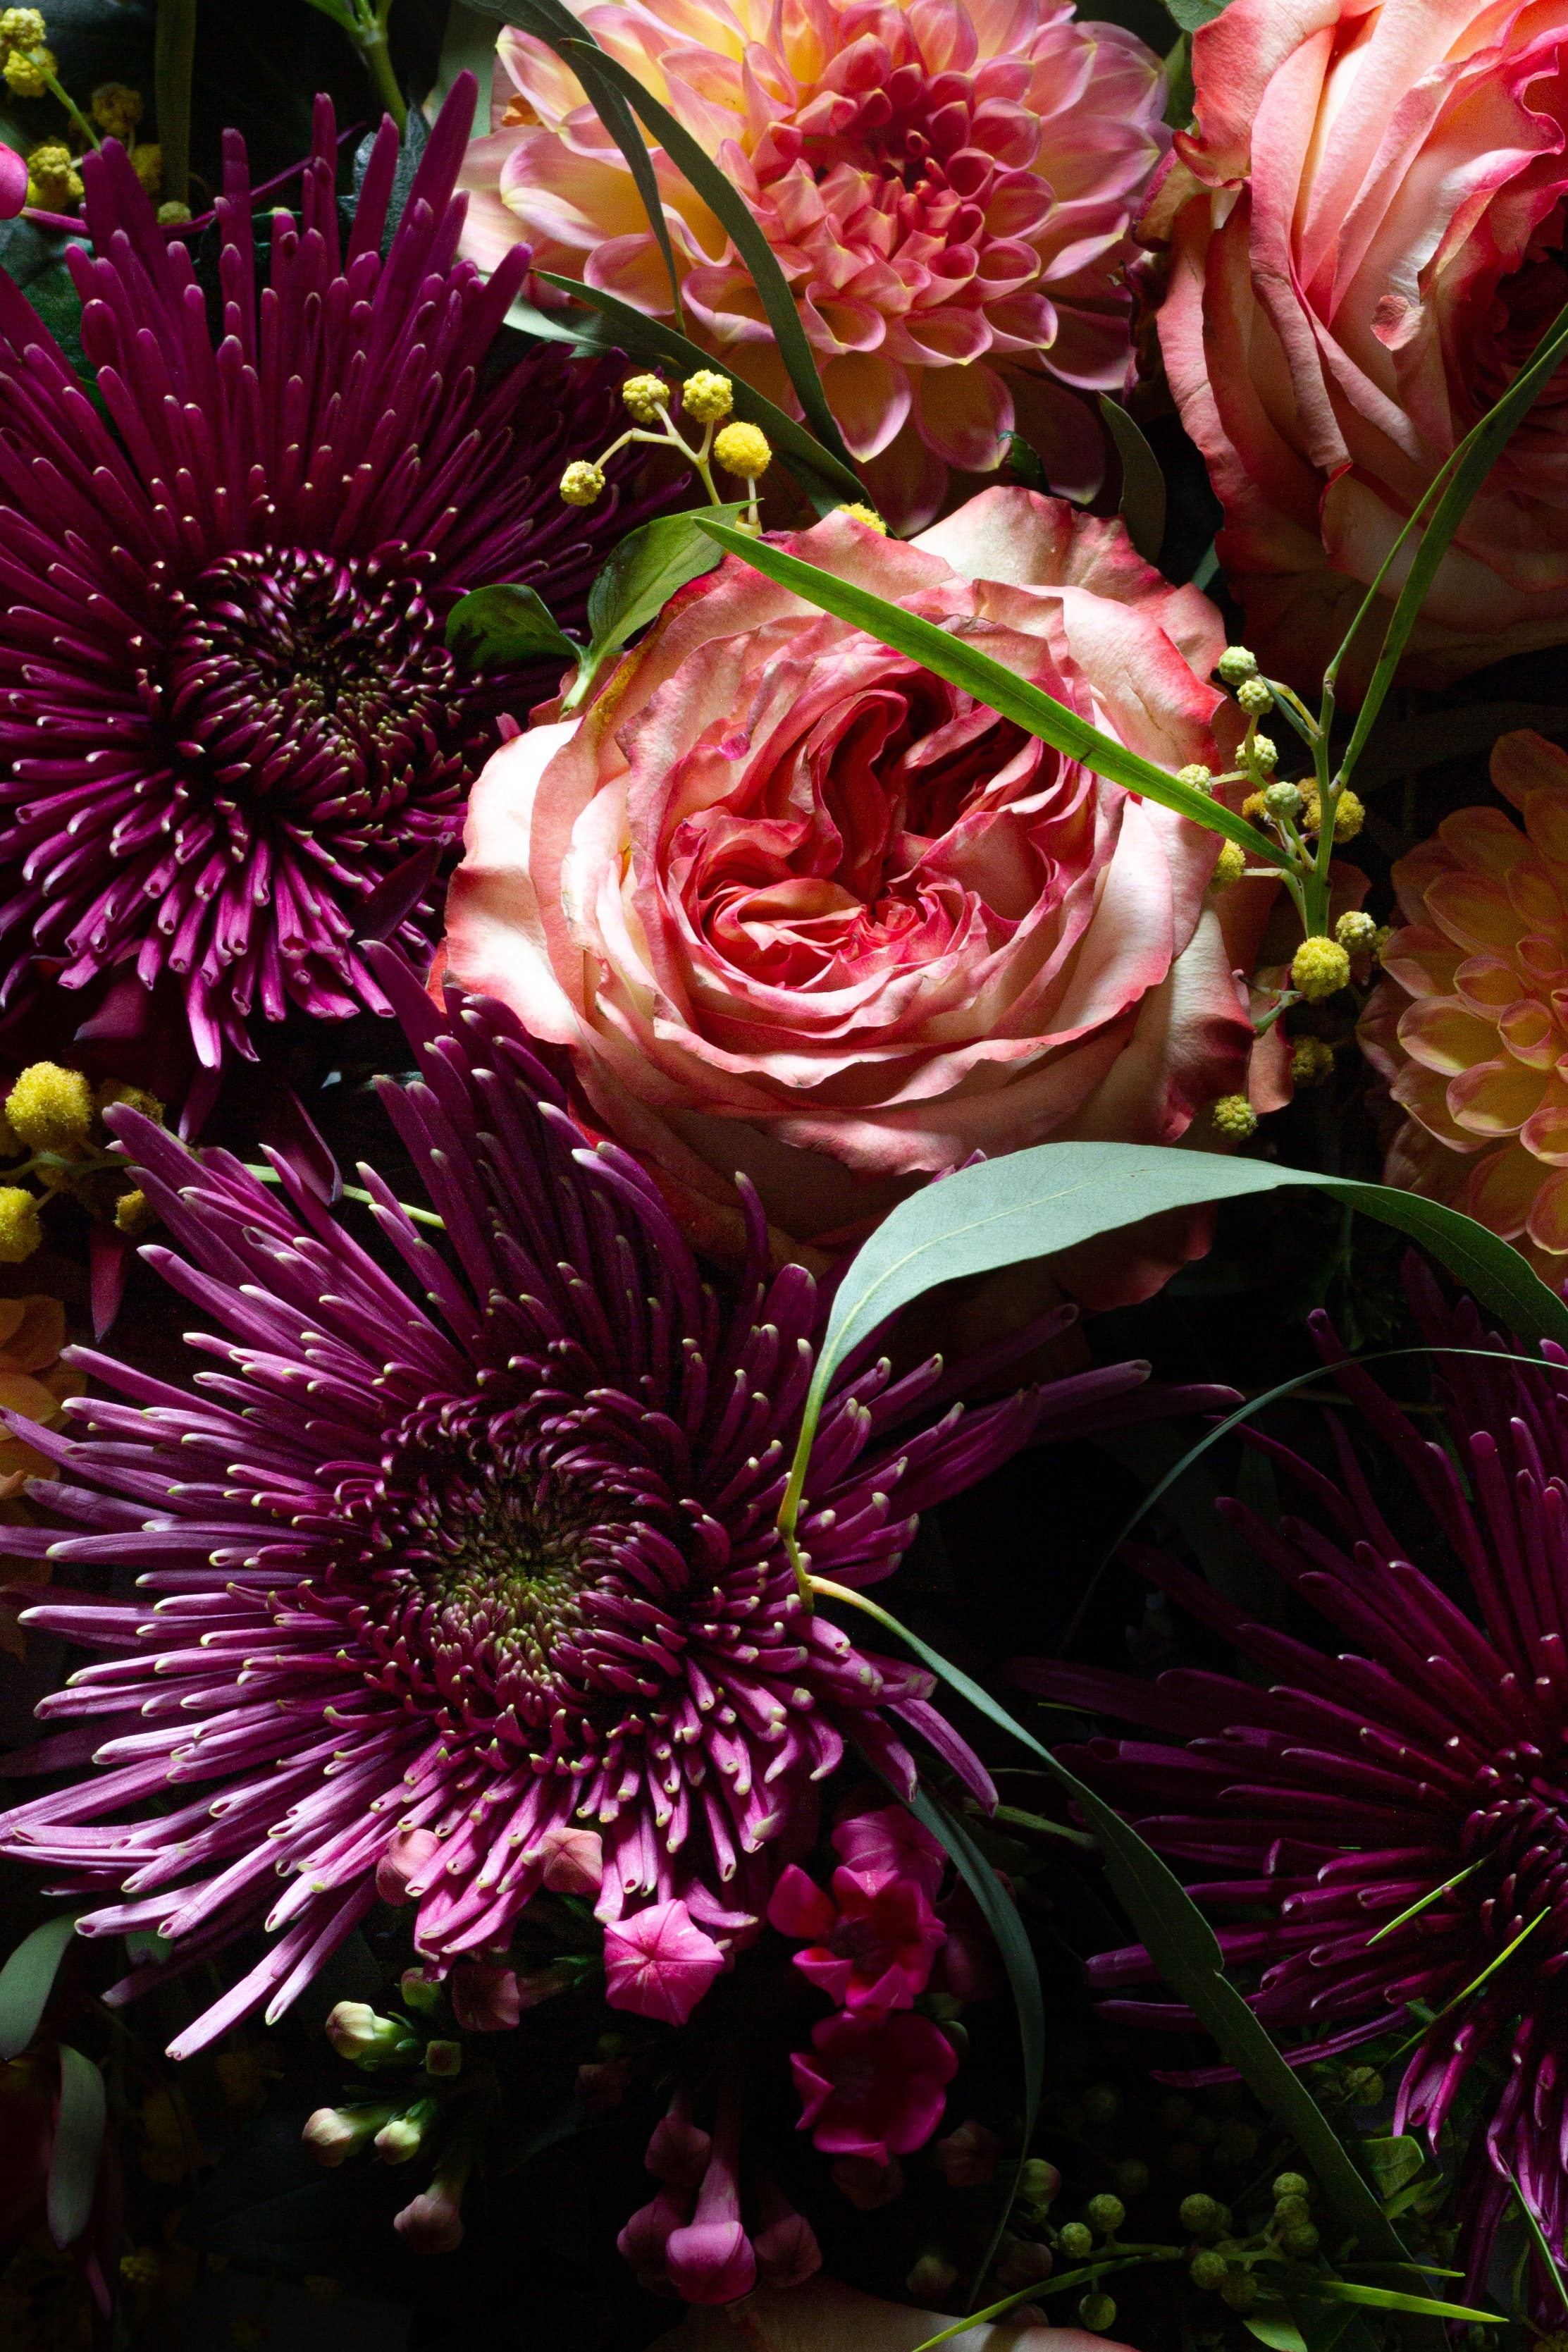 129579 скачать обои Цветы, Букет, Астры, Розы - заставки и картинки бесплатно